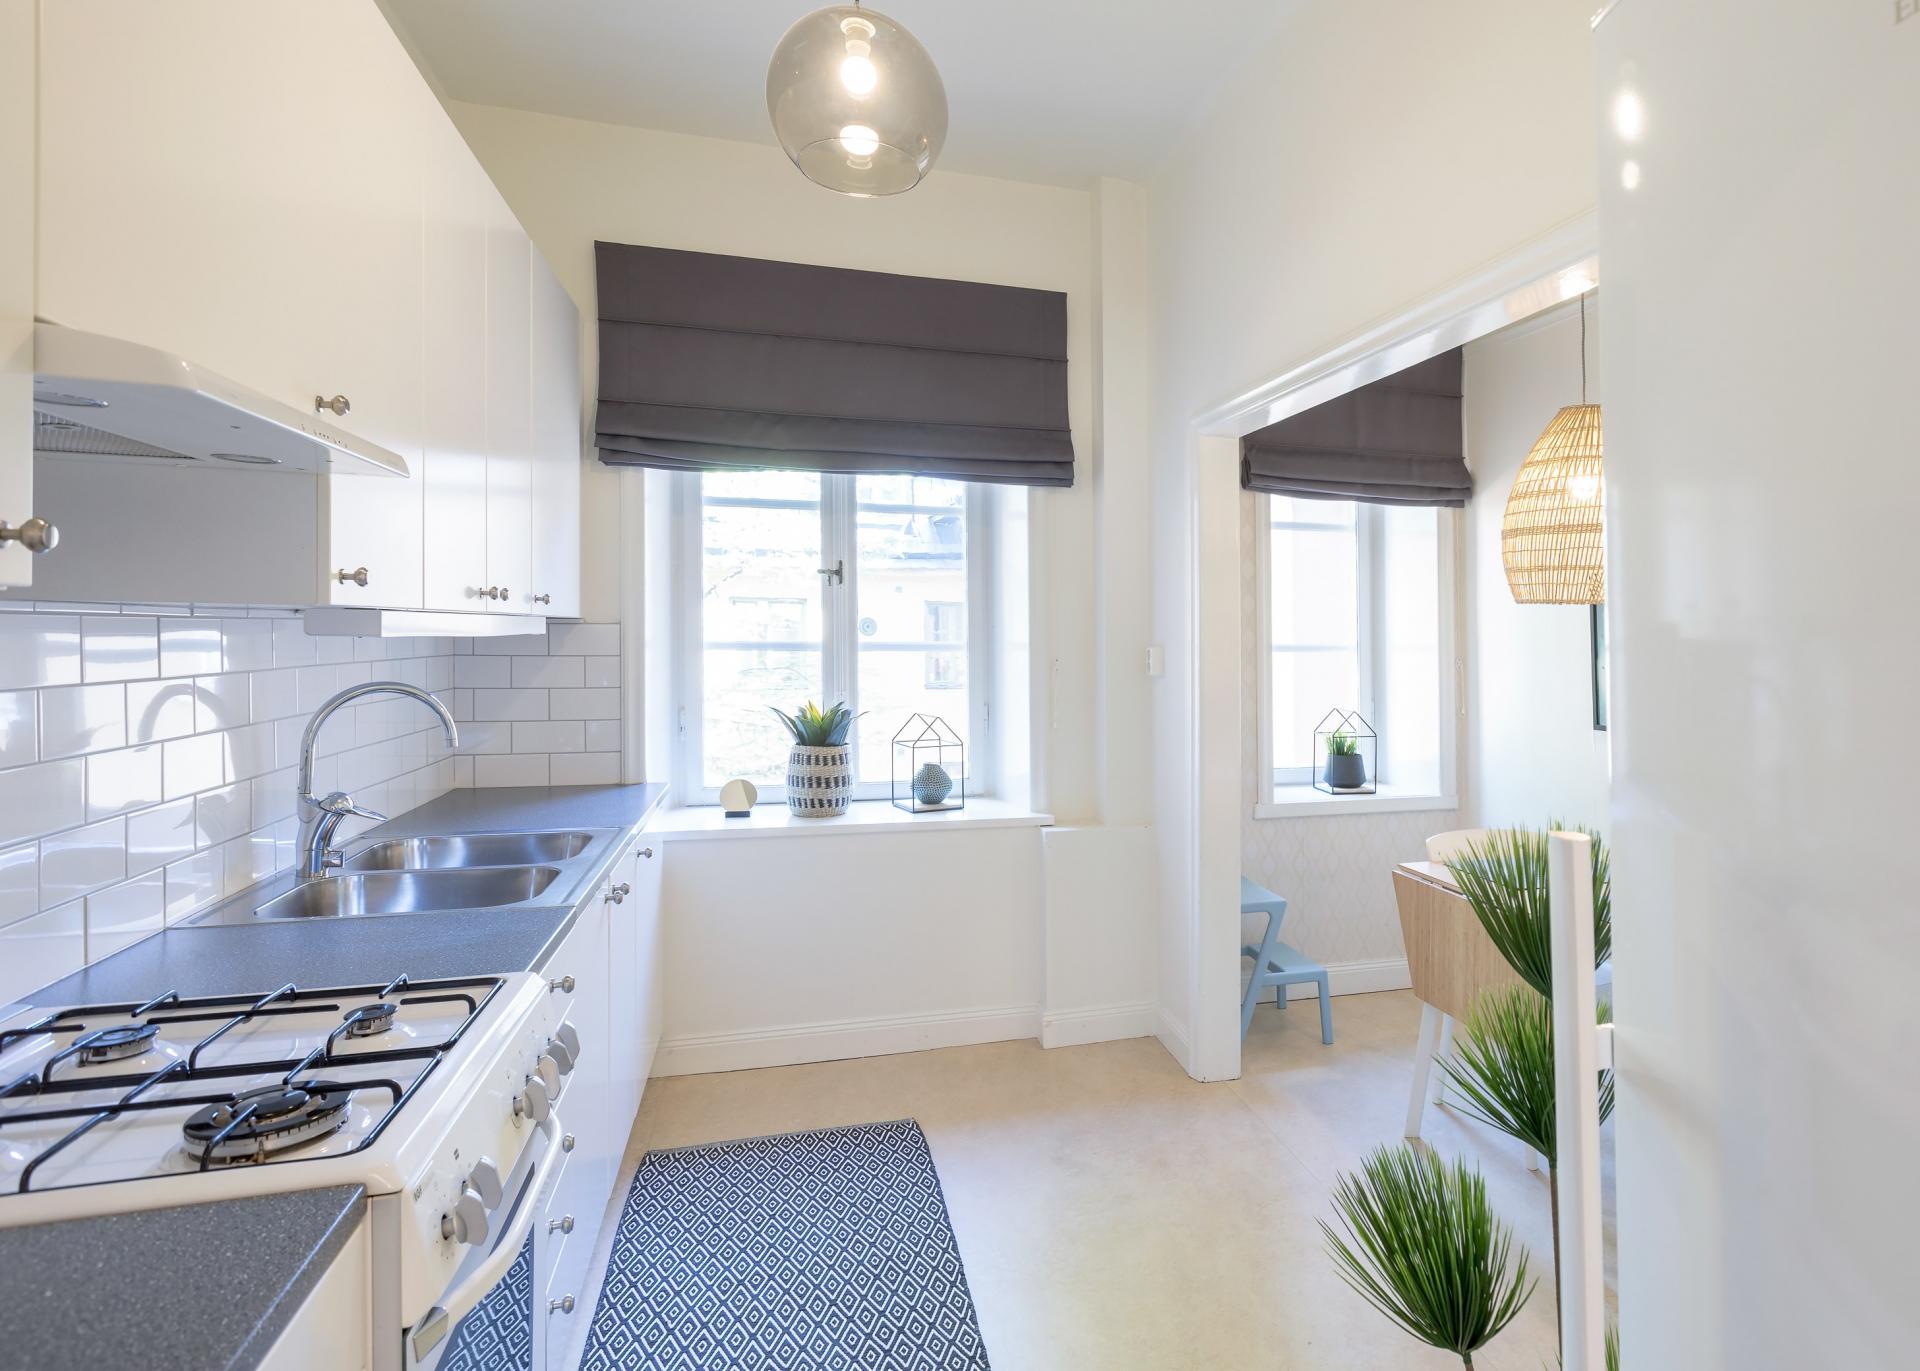 Kitchen at Pontonjärgatan Apartments, Marieberg, Stockholm - Citybase Apartments